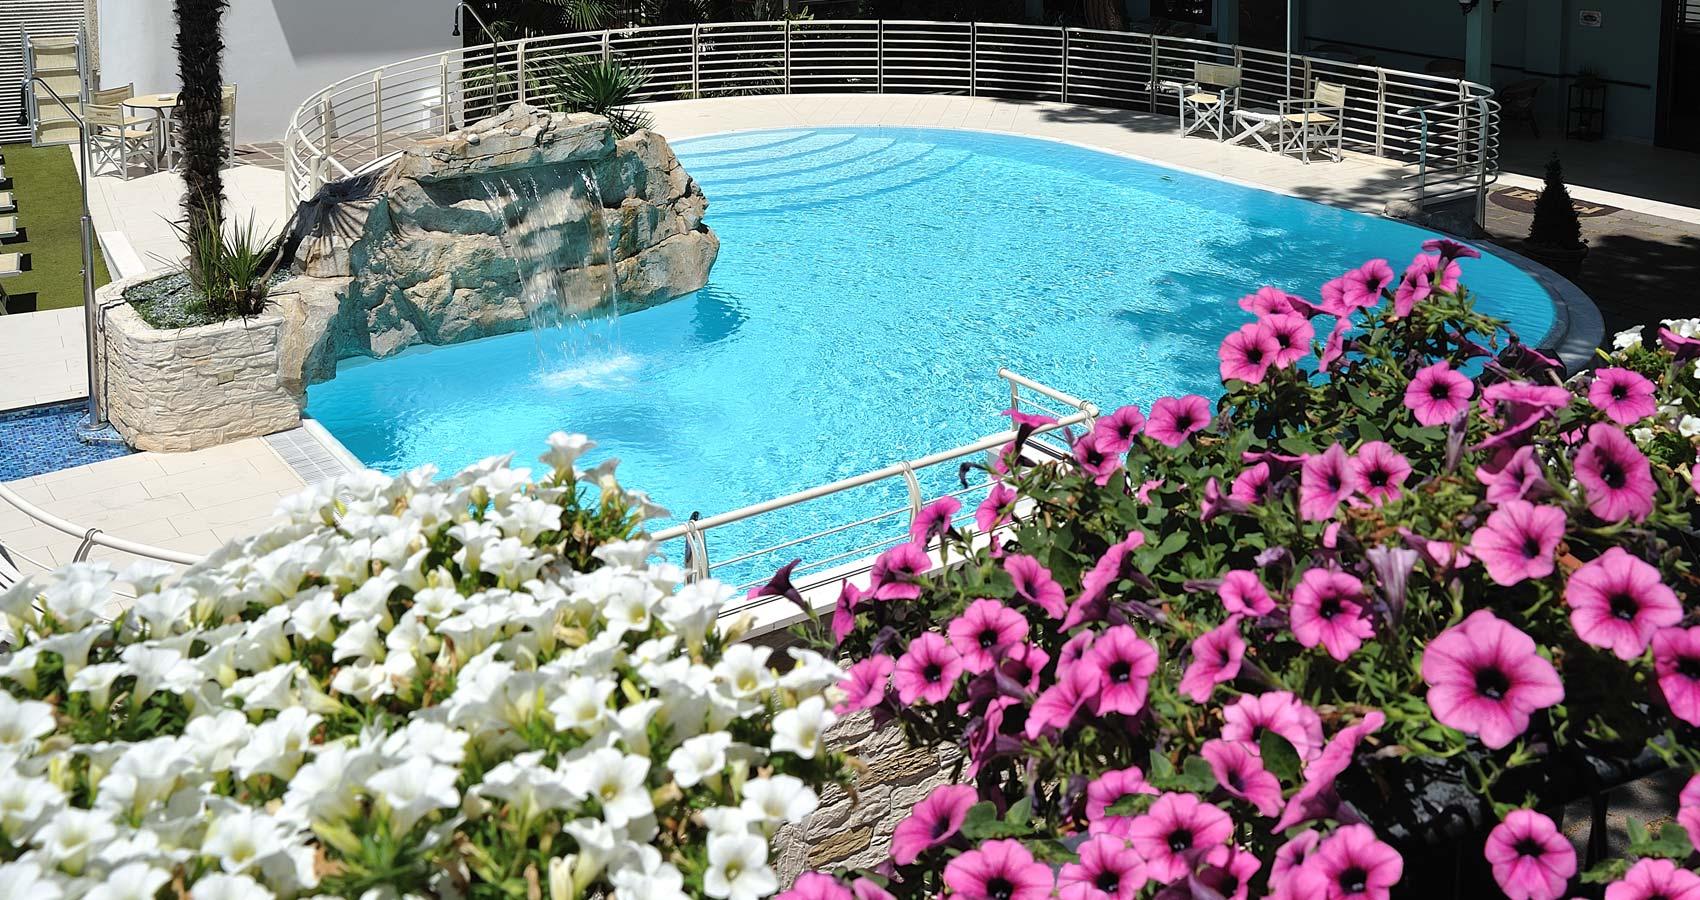 Hotel bristol bellaria hotel 4 stelle bellaria fronte mare con piscina - Hotel bellaria con piscina ...